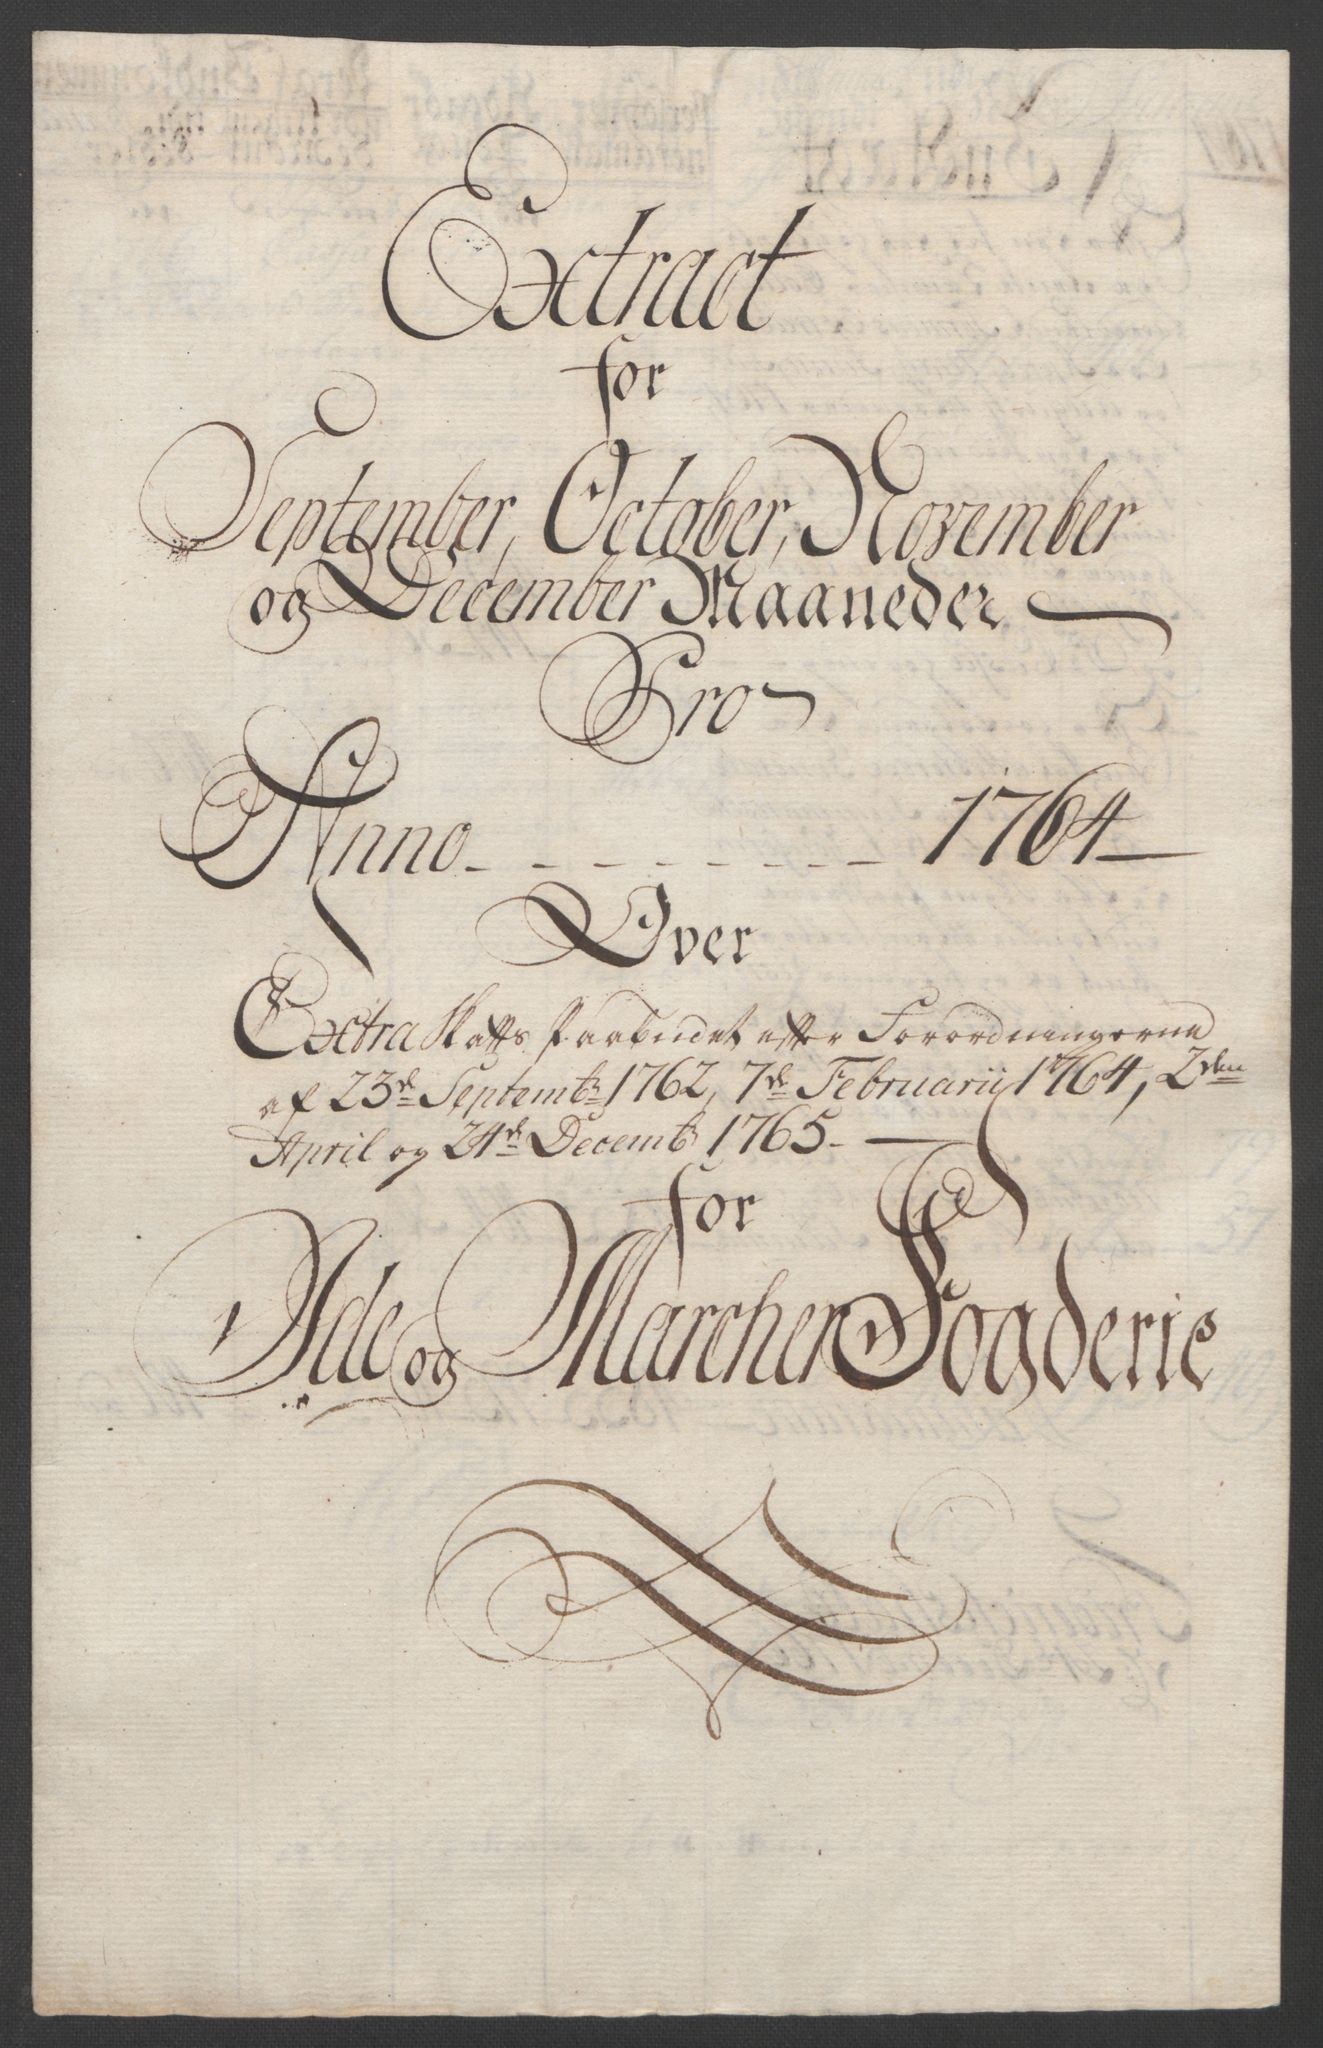 RA, Rentekammeret inntil 1814, Reviderte regnskaper, Fogderegnskap, R01/L0097: Ekstraskatten Idd og Marker, 1756-1767, s. 239